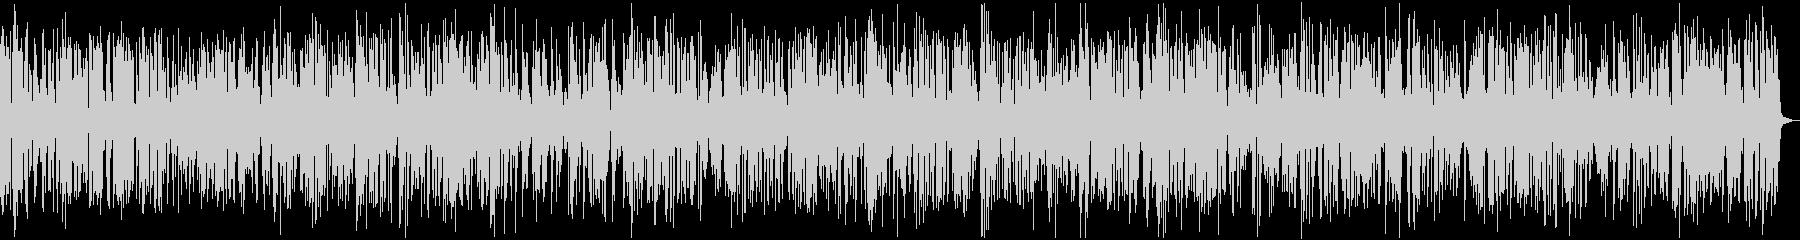 カフェBGMおしゃれなジャズピアノの未再生の波形